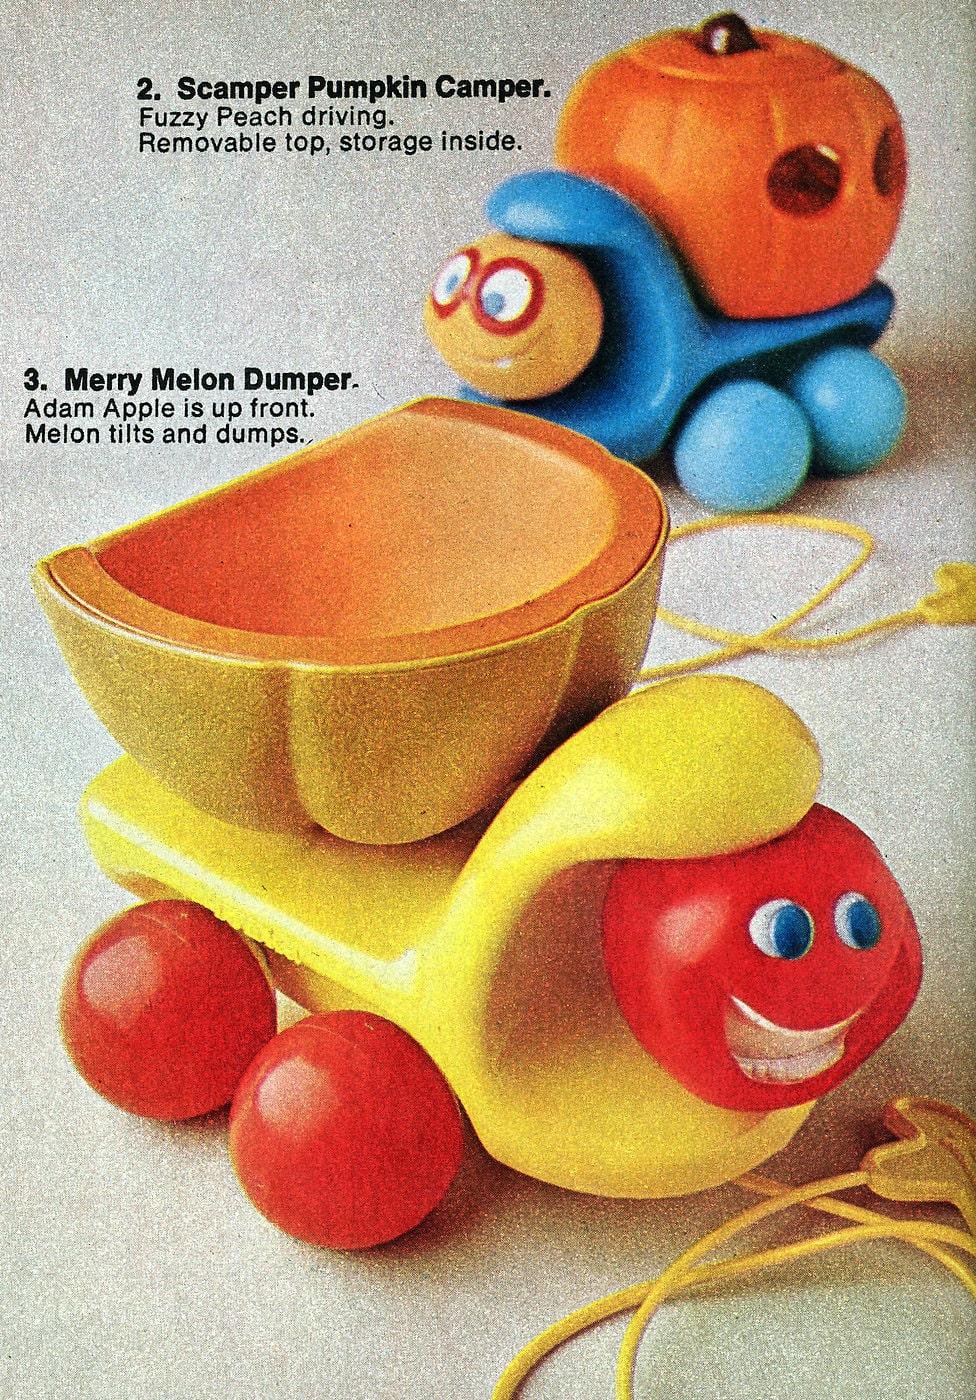 Vintage Tonka Toddler toys - Scamper Pumpkin Camper and Merry Melon Dumper (1972)